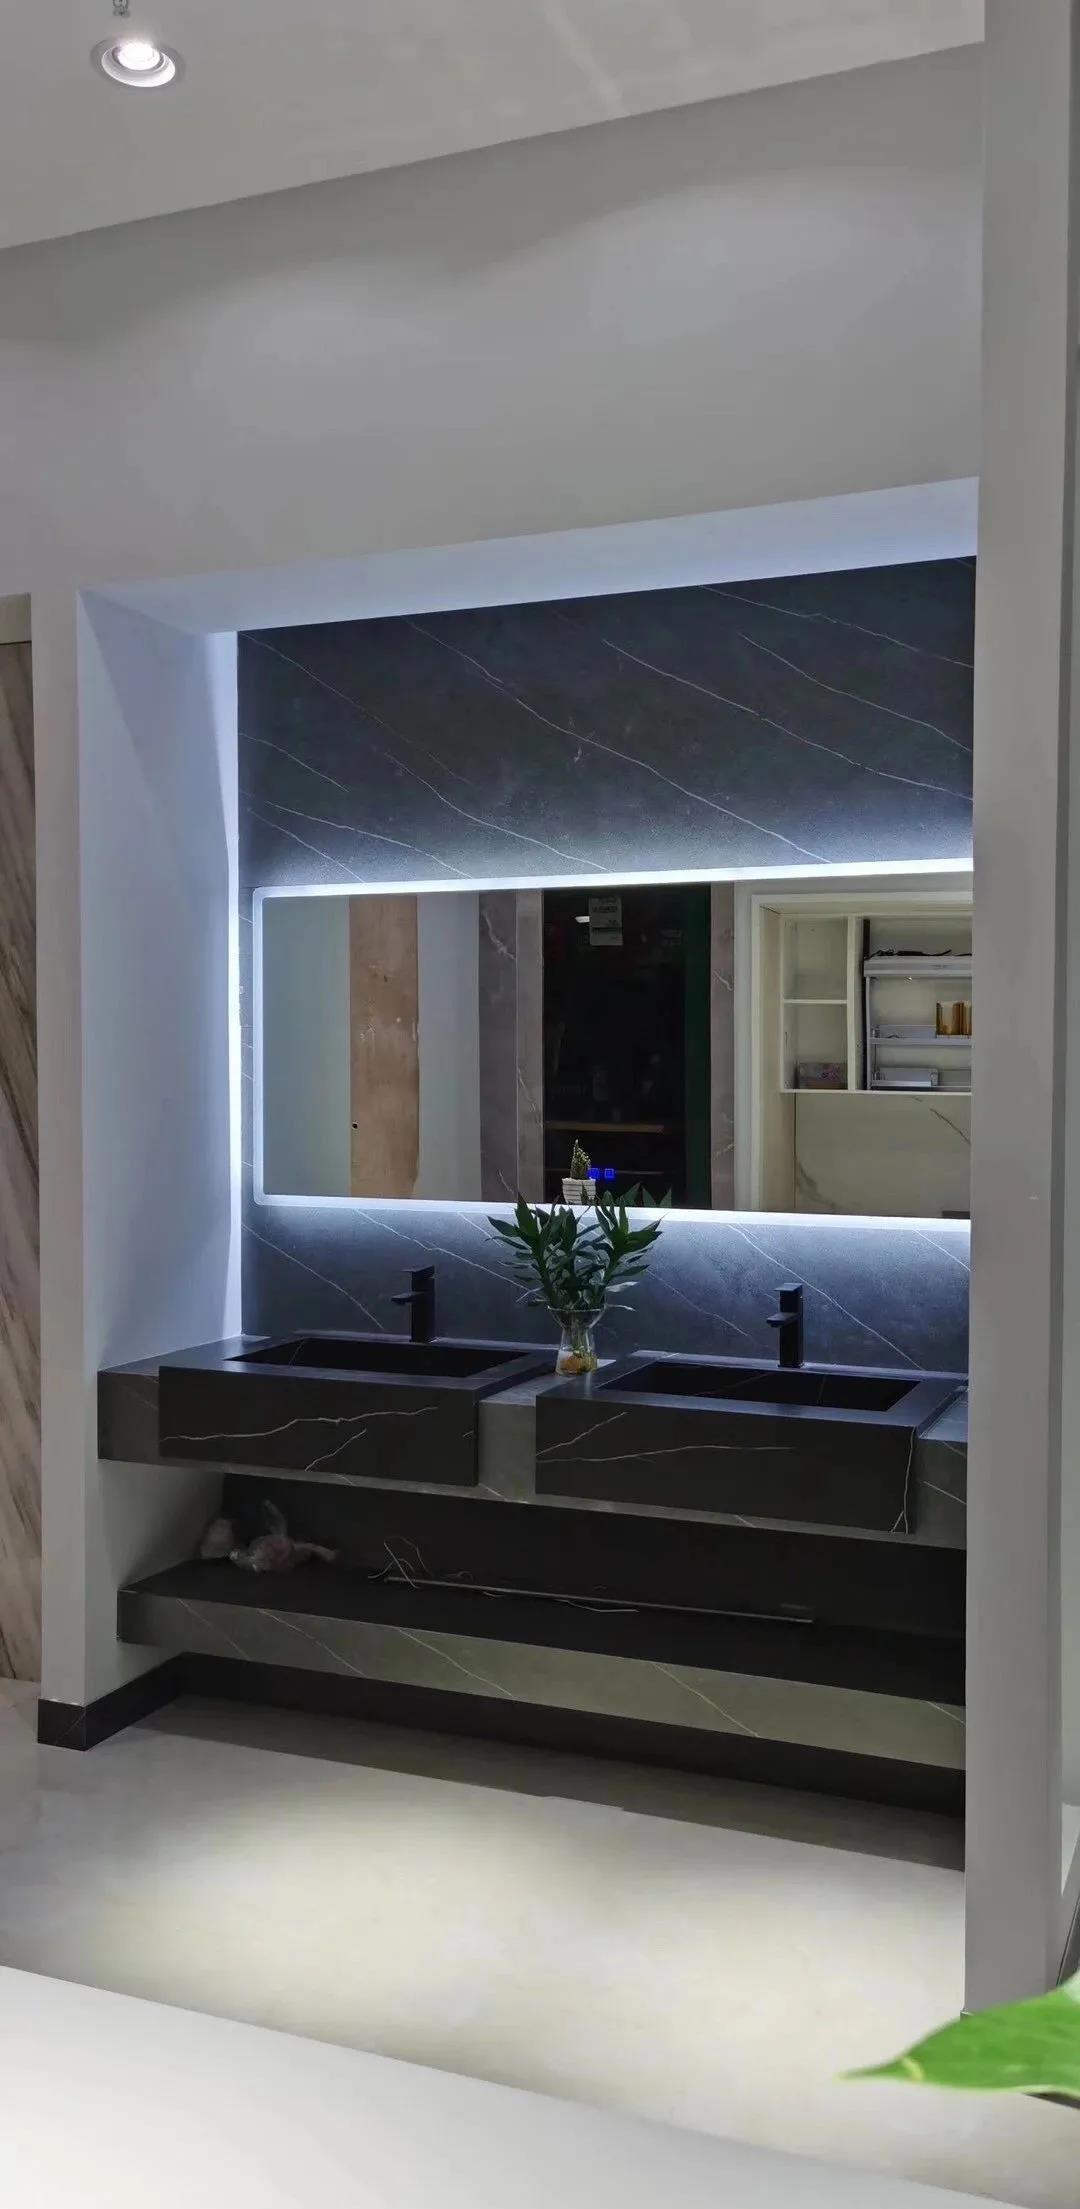 double-sink-countertop